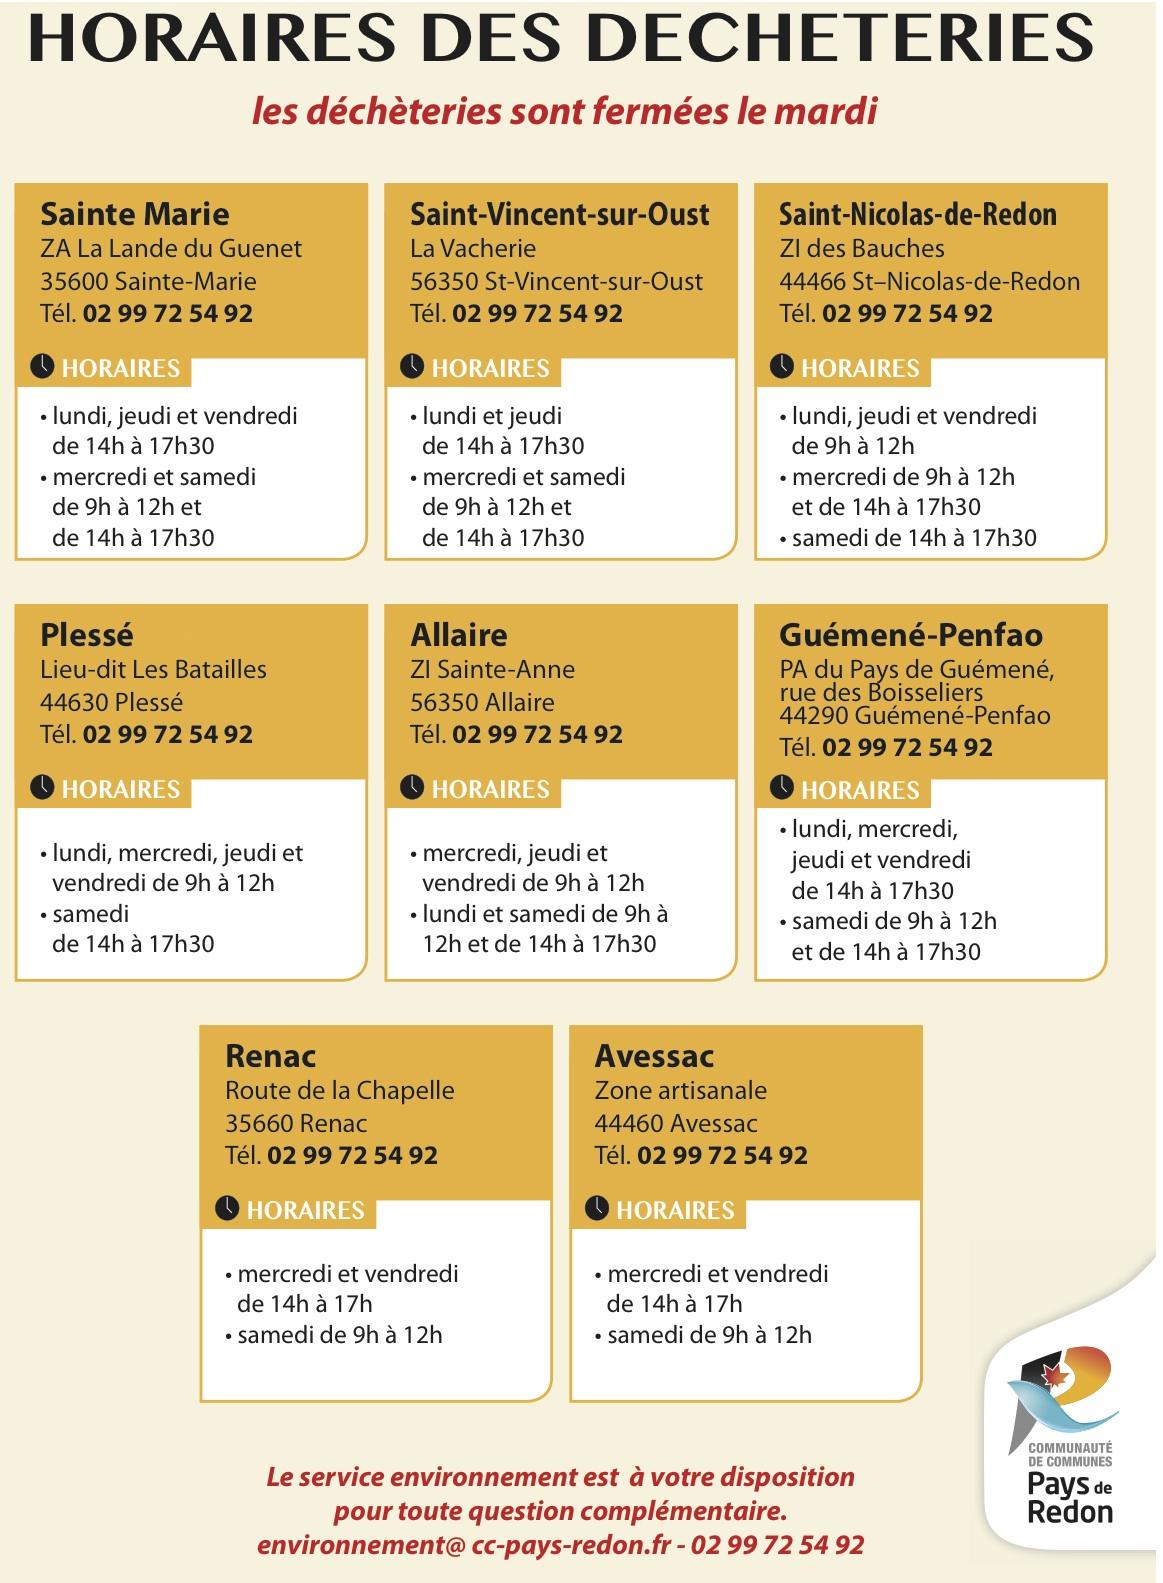 ccpr-flyer-horaires-dechetterie-09-14